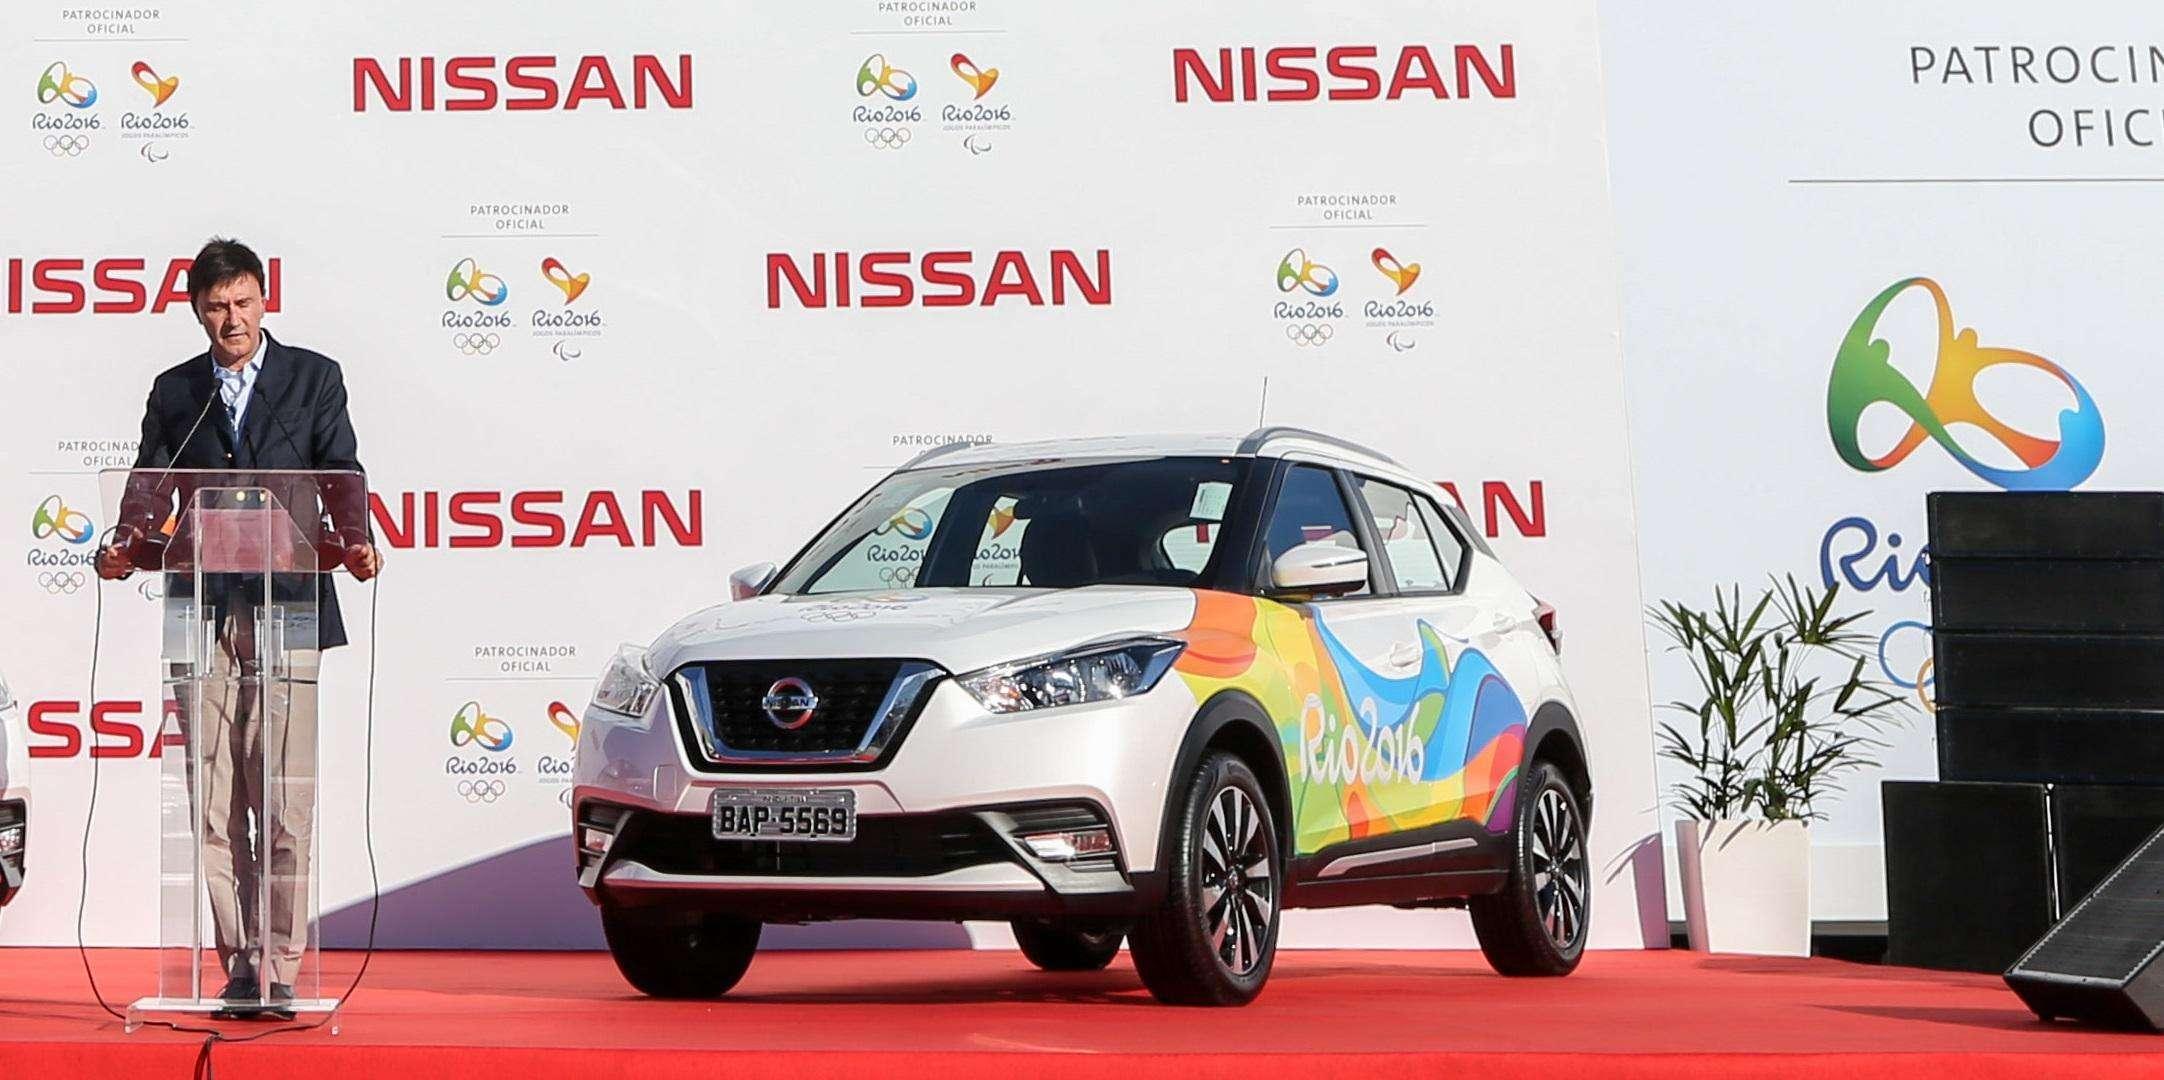 El Comité organizador Río 2016 recibe oficialmente de Nissan la flota de coches que serán usados en los Juegos Olímpicos y Paralímpicos Río 2016.